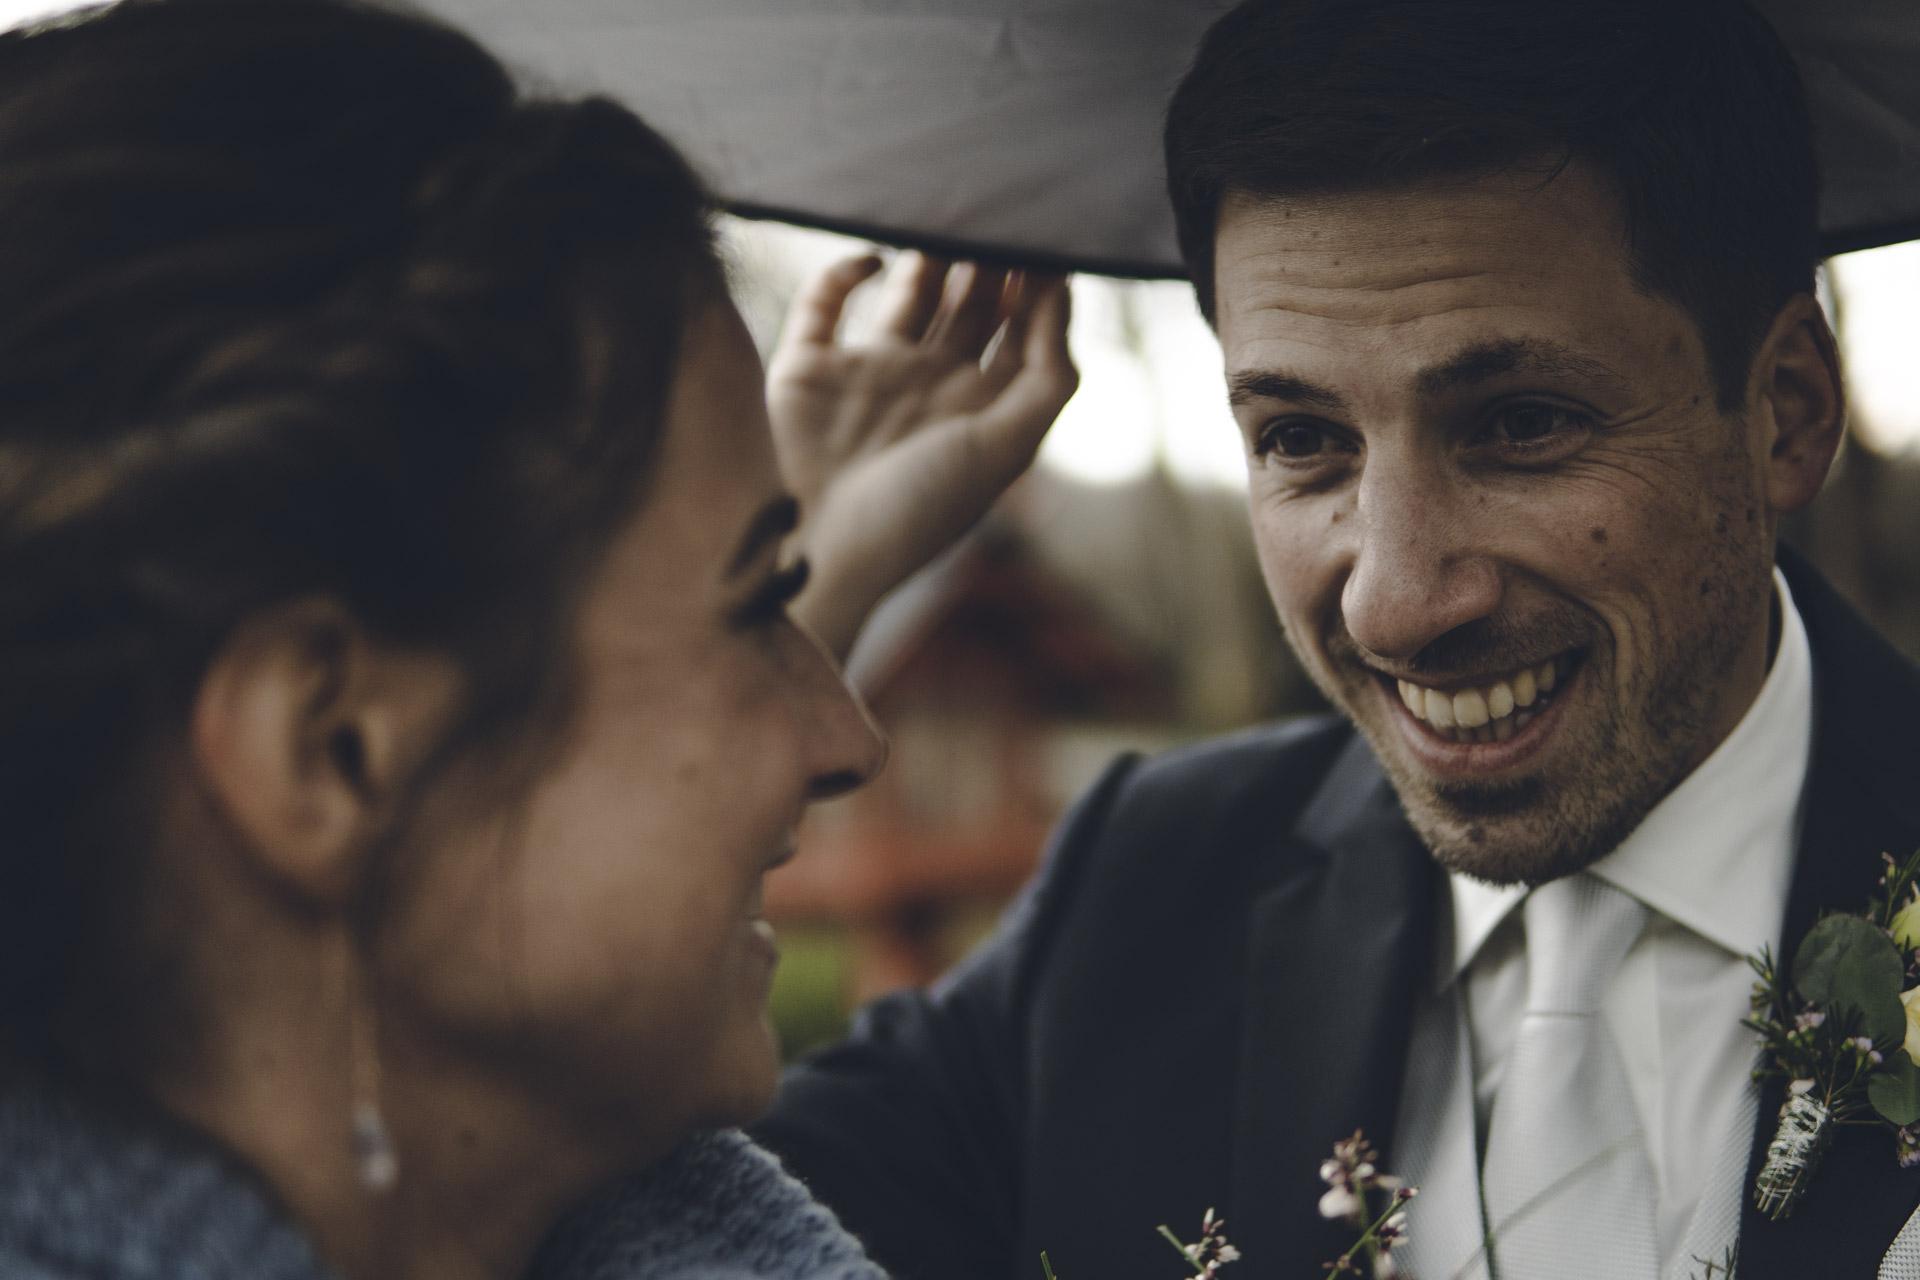 Hochzeit Shooting in München mit glücklichen Brautpaar und Brautstrauß im Winter